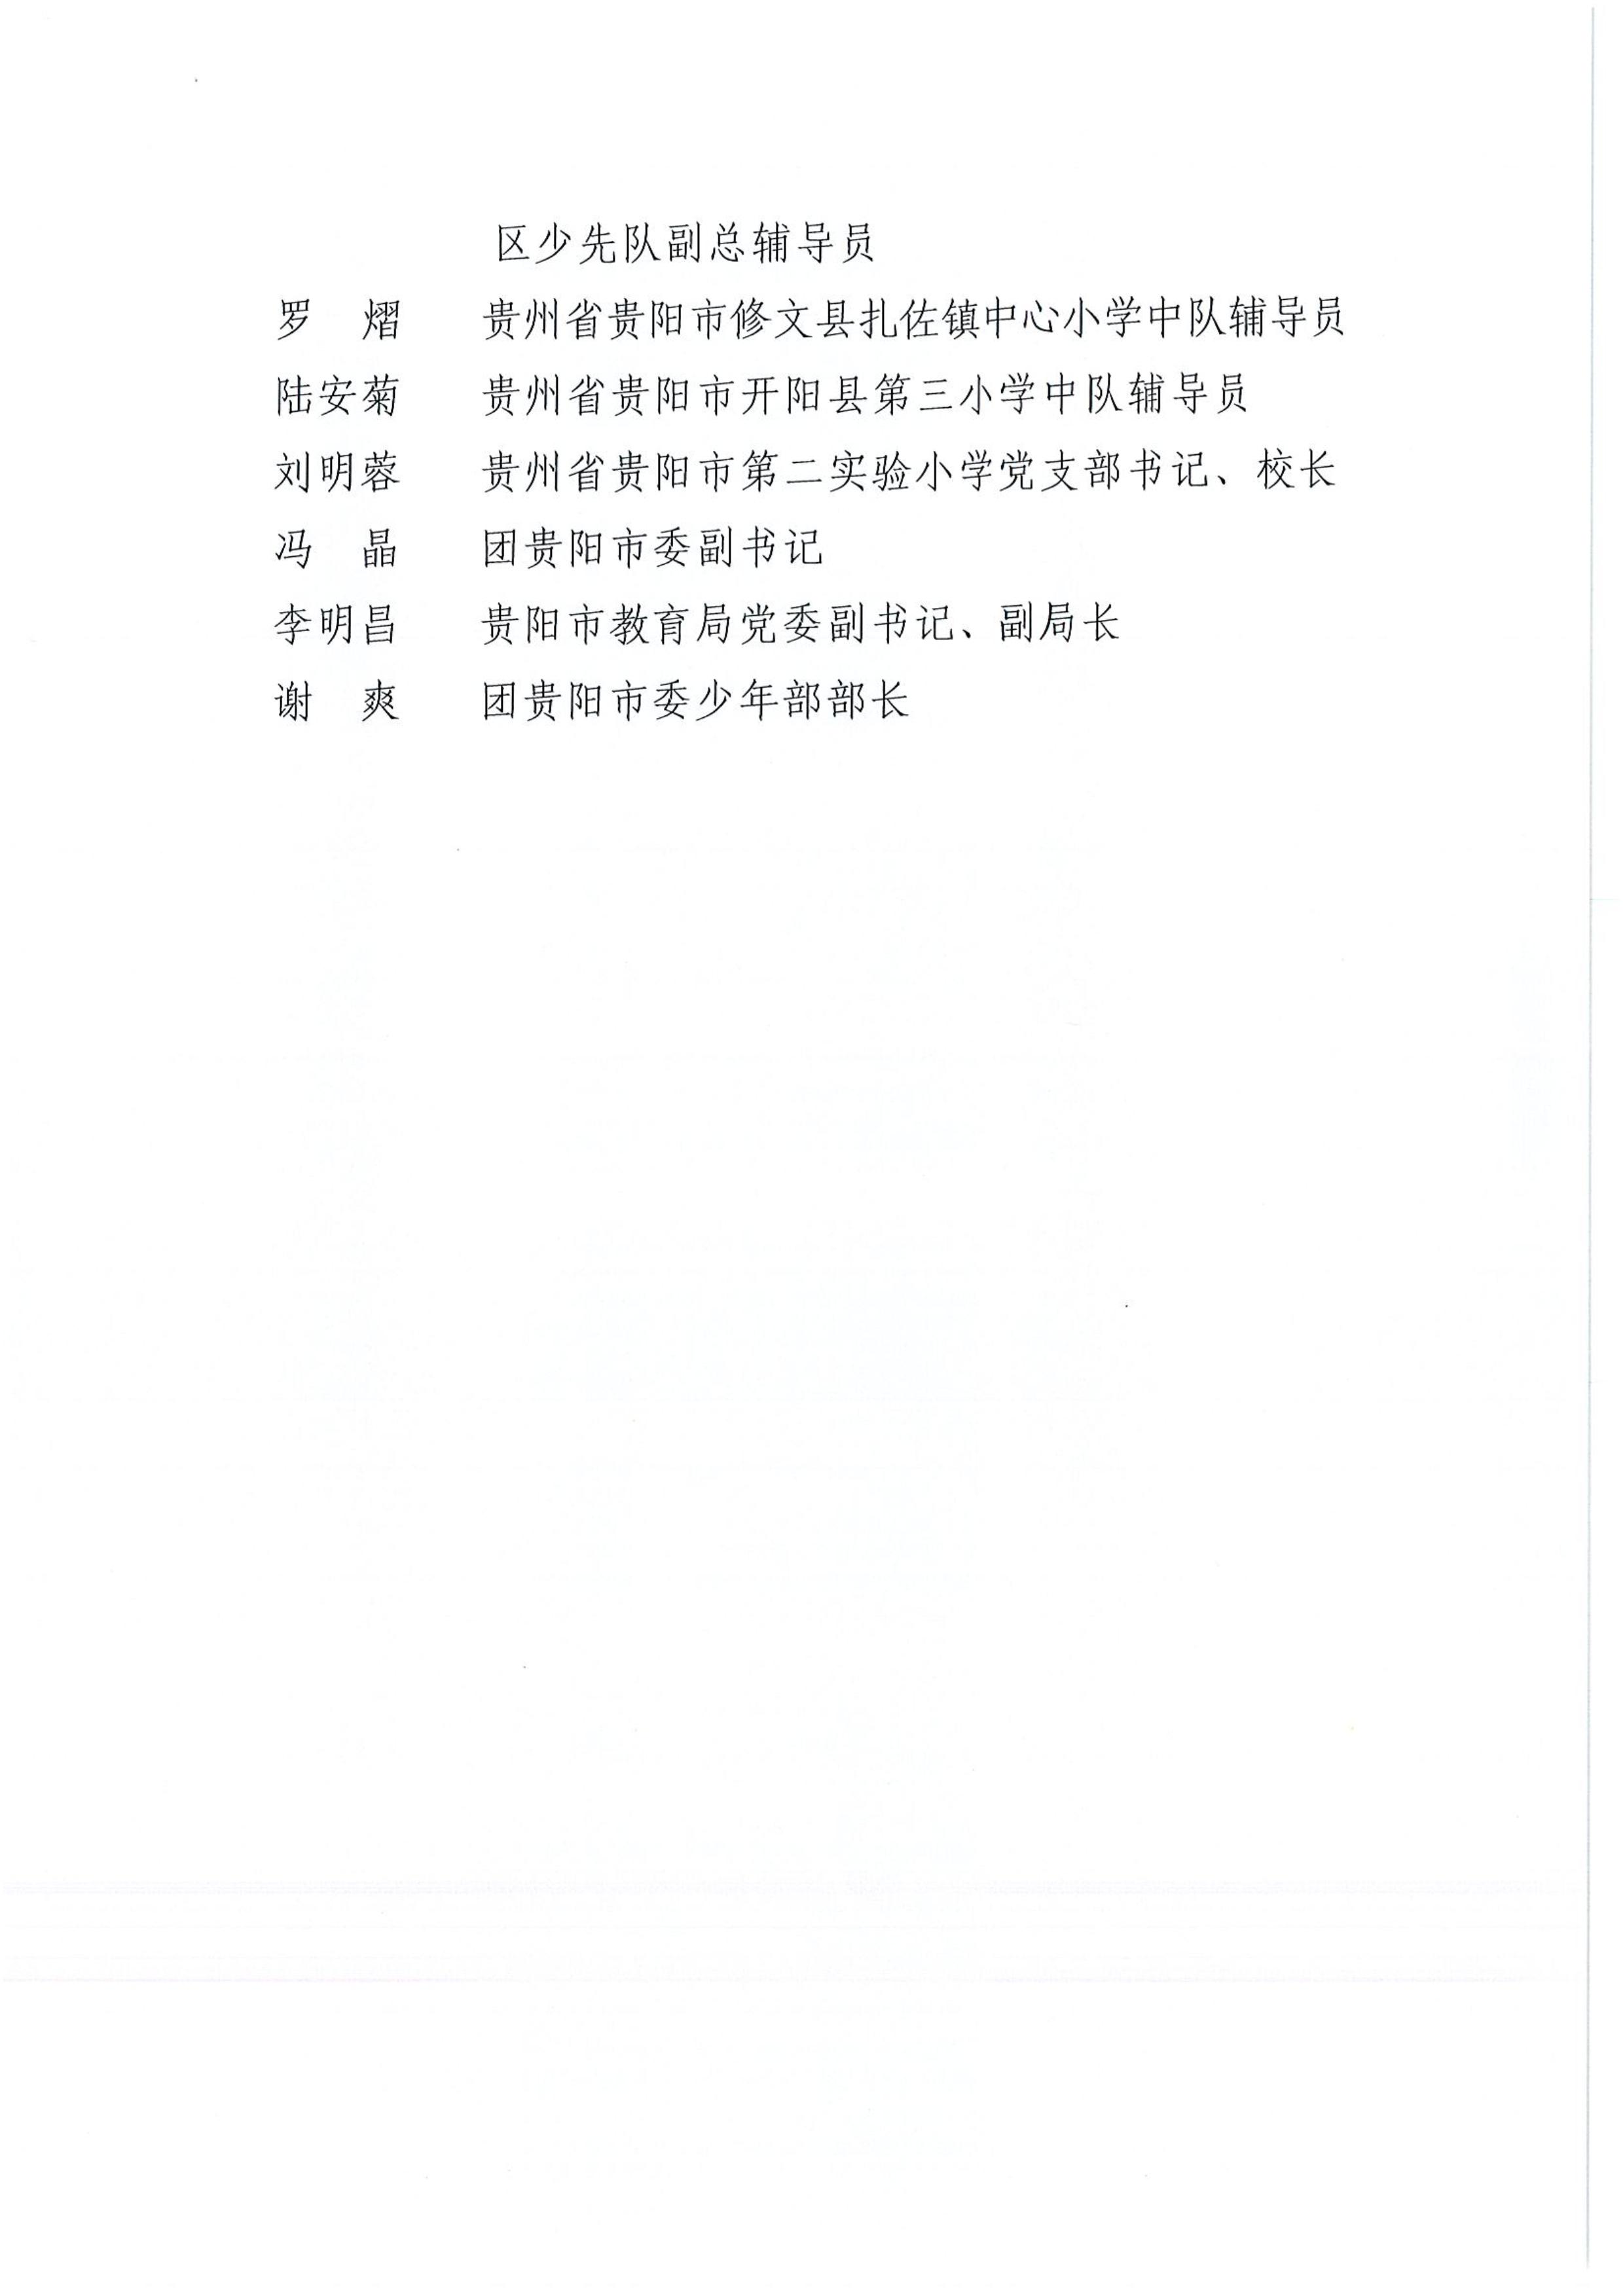 公示(全)_4.jpg